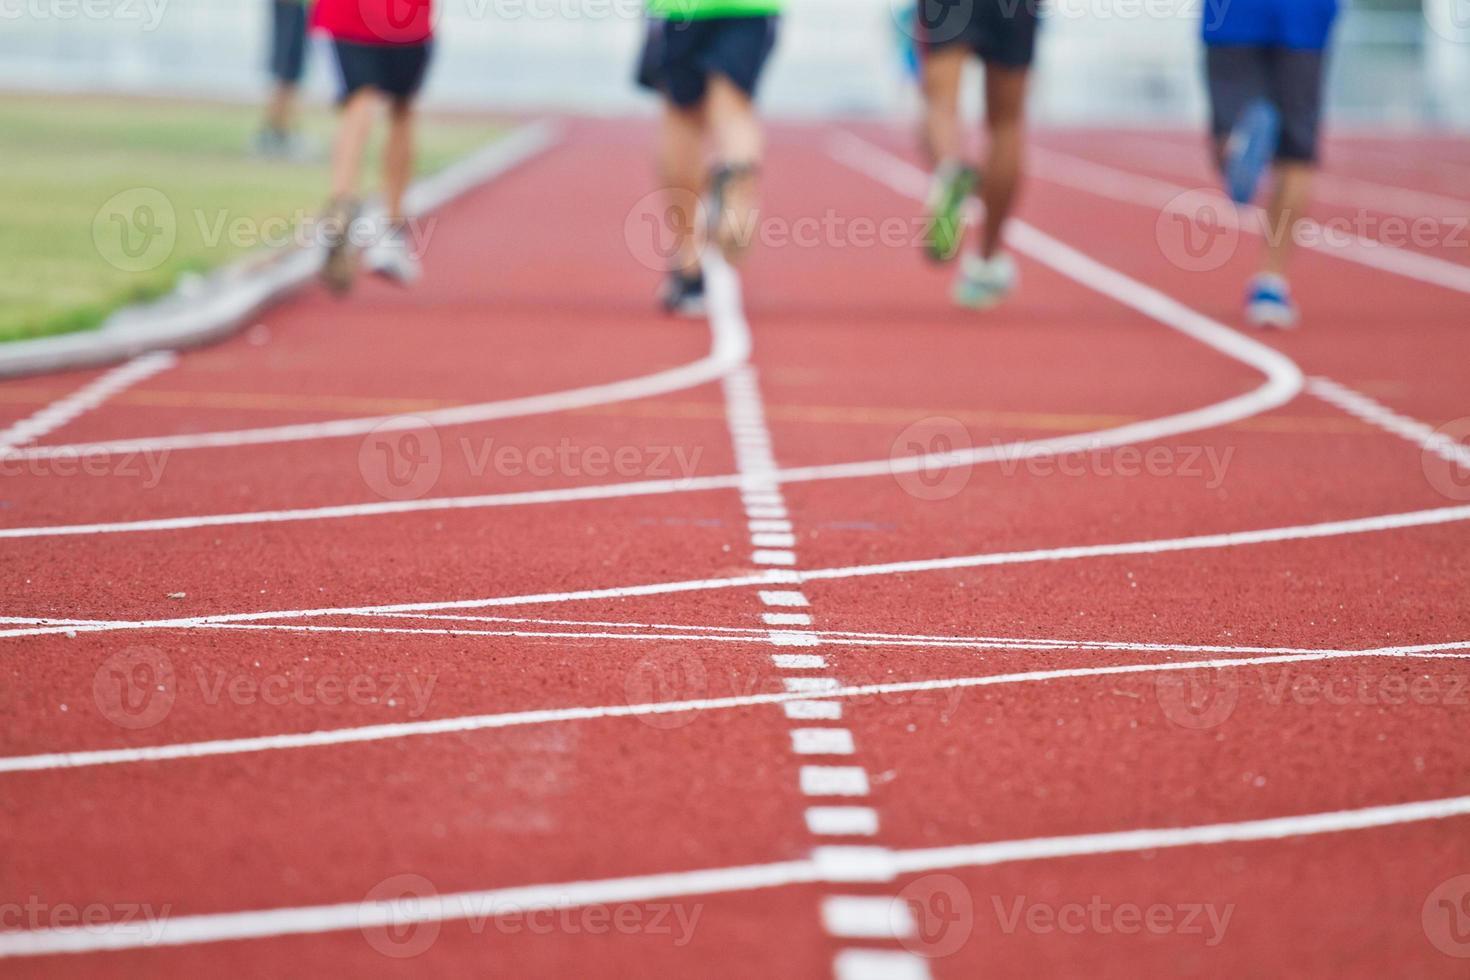 imagem recortada do corredor na corrida competitiva foto